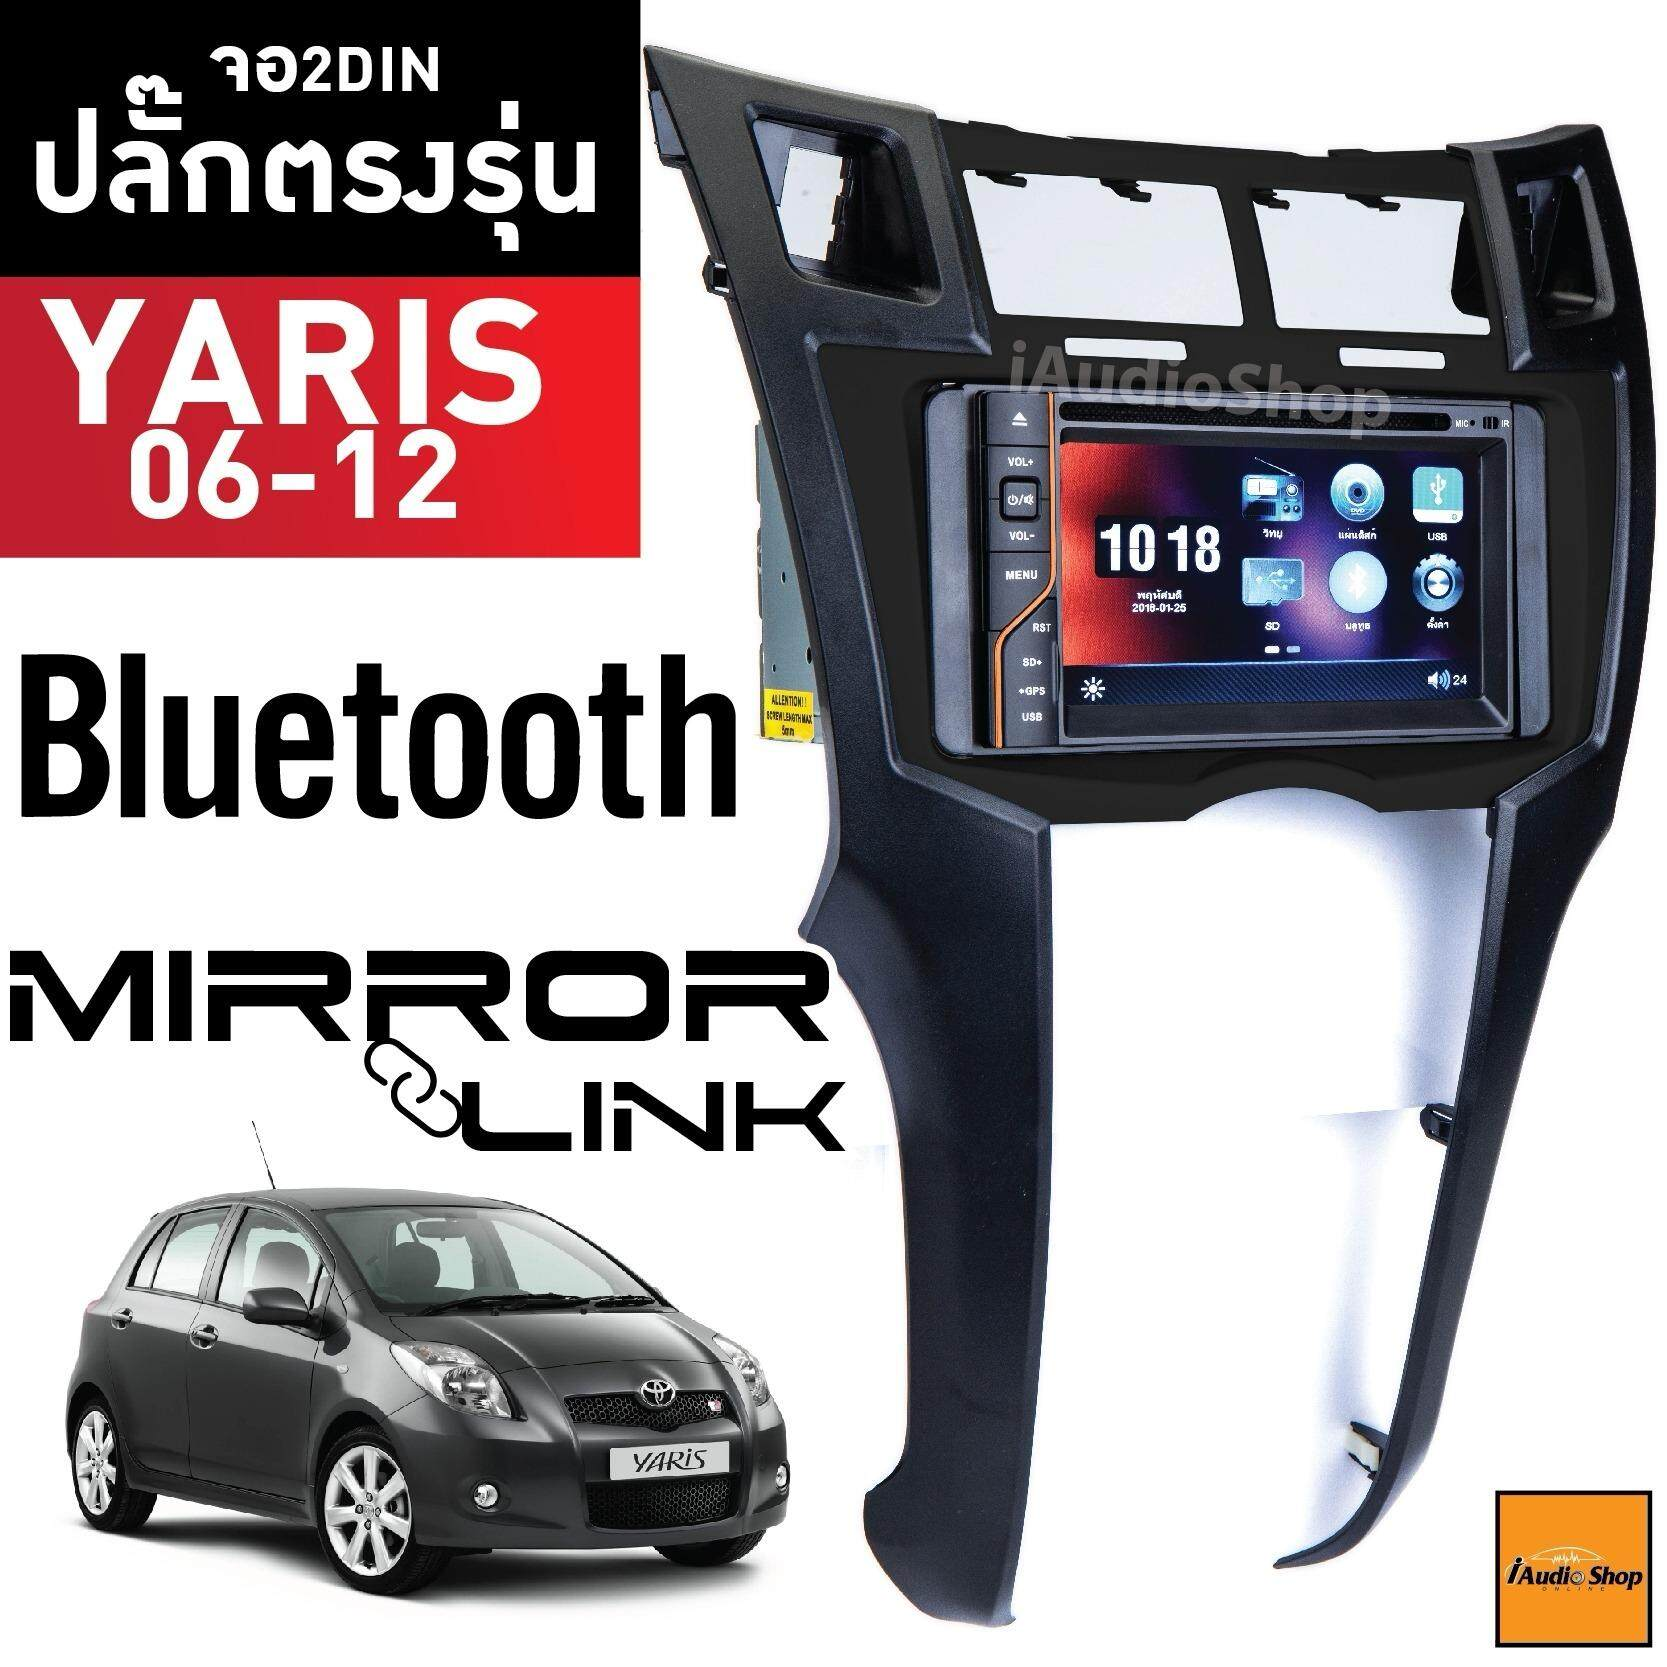 Black Magic ปลั๊กตรงรุ่น ระบบมิลเลอร์ลิงค์ วิทยุติดรถยนต์ จอติดรถยนต์ จอ2Din วิทยุ2Din เครื่องเสียงรถยนต์ Bmg 6517 Mirror Link พร้อมหน้ากากตรงรุ่นรถ โตโยต้า ยาริส Toyota Yaris 06 12 สีดำ ปลั๊กตรงรุ่นไม่ต้องตัดต่อสายไฟ กรุงเทพมหานคร